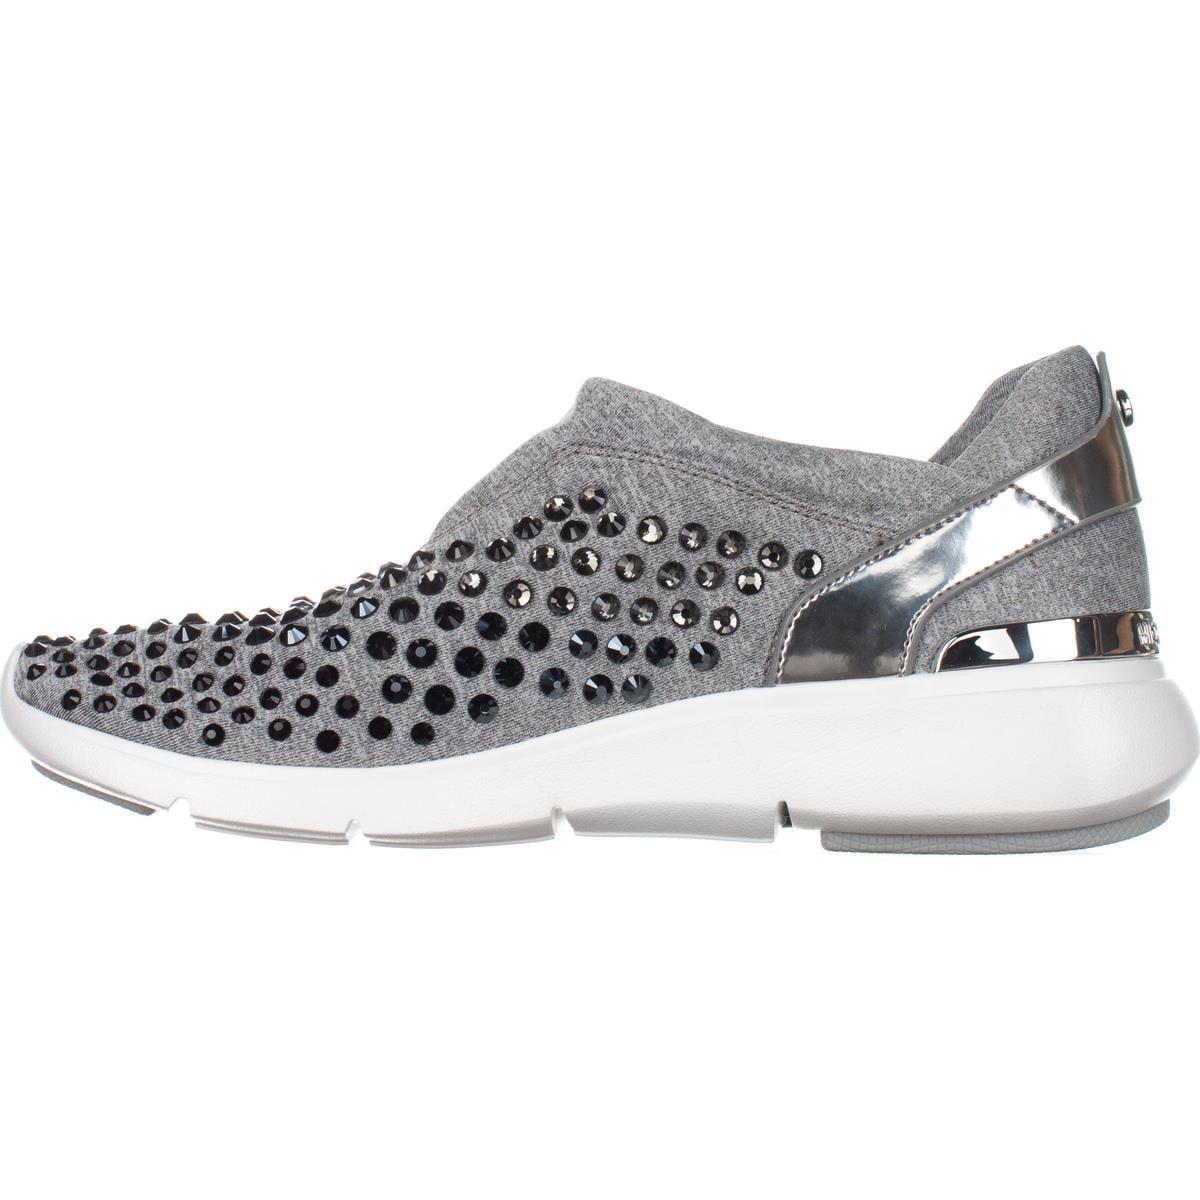 bf559b3a038f Michael Kors - Womens MICHAEL Michael Kors Ace Trainer Rhinestone Fashion  Sneakers